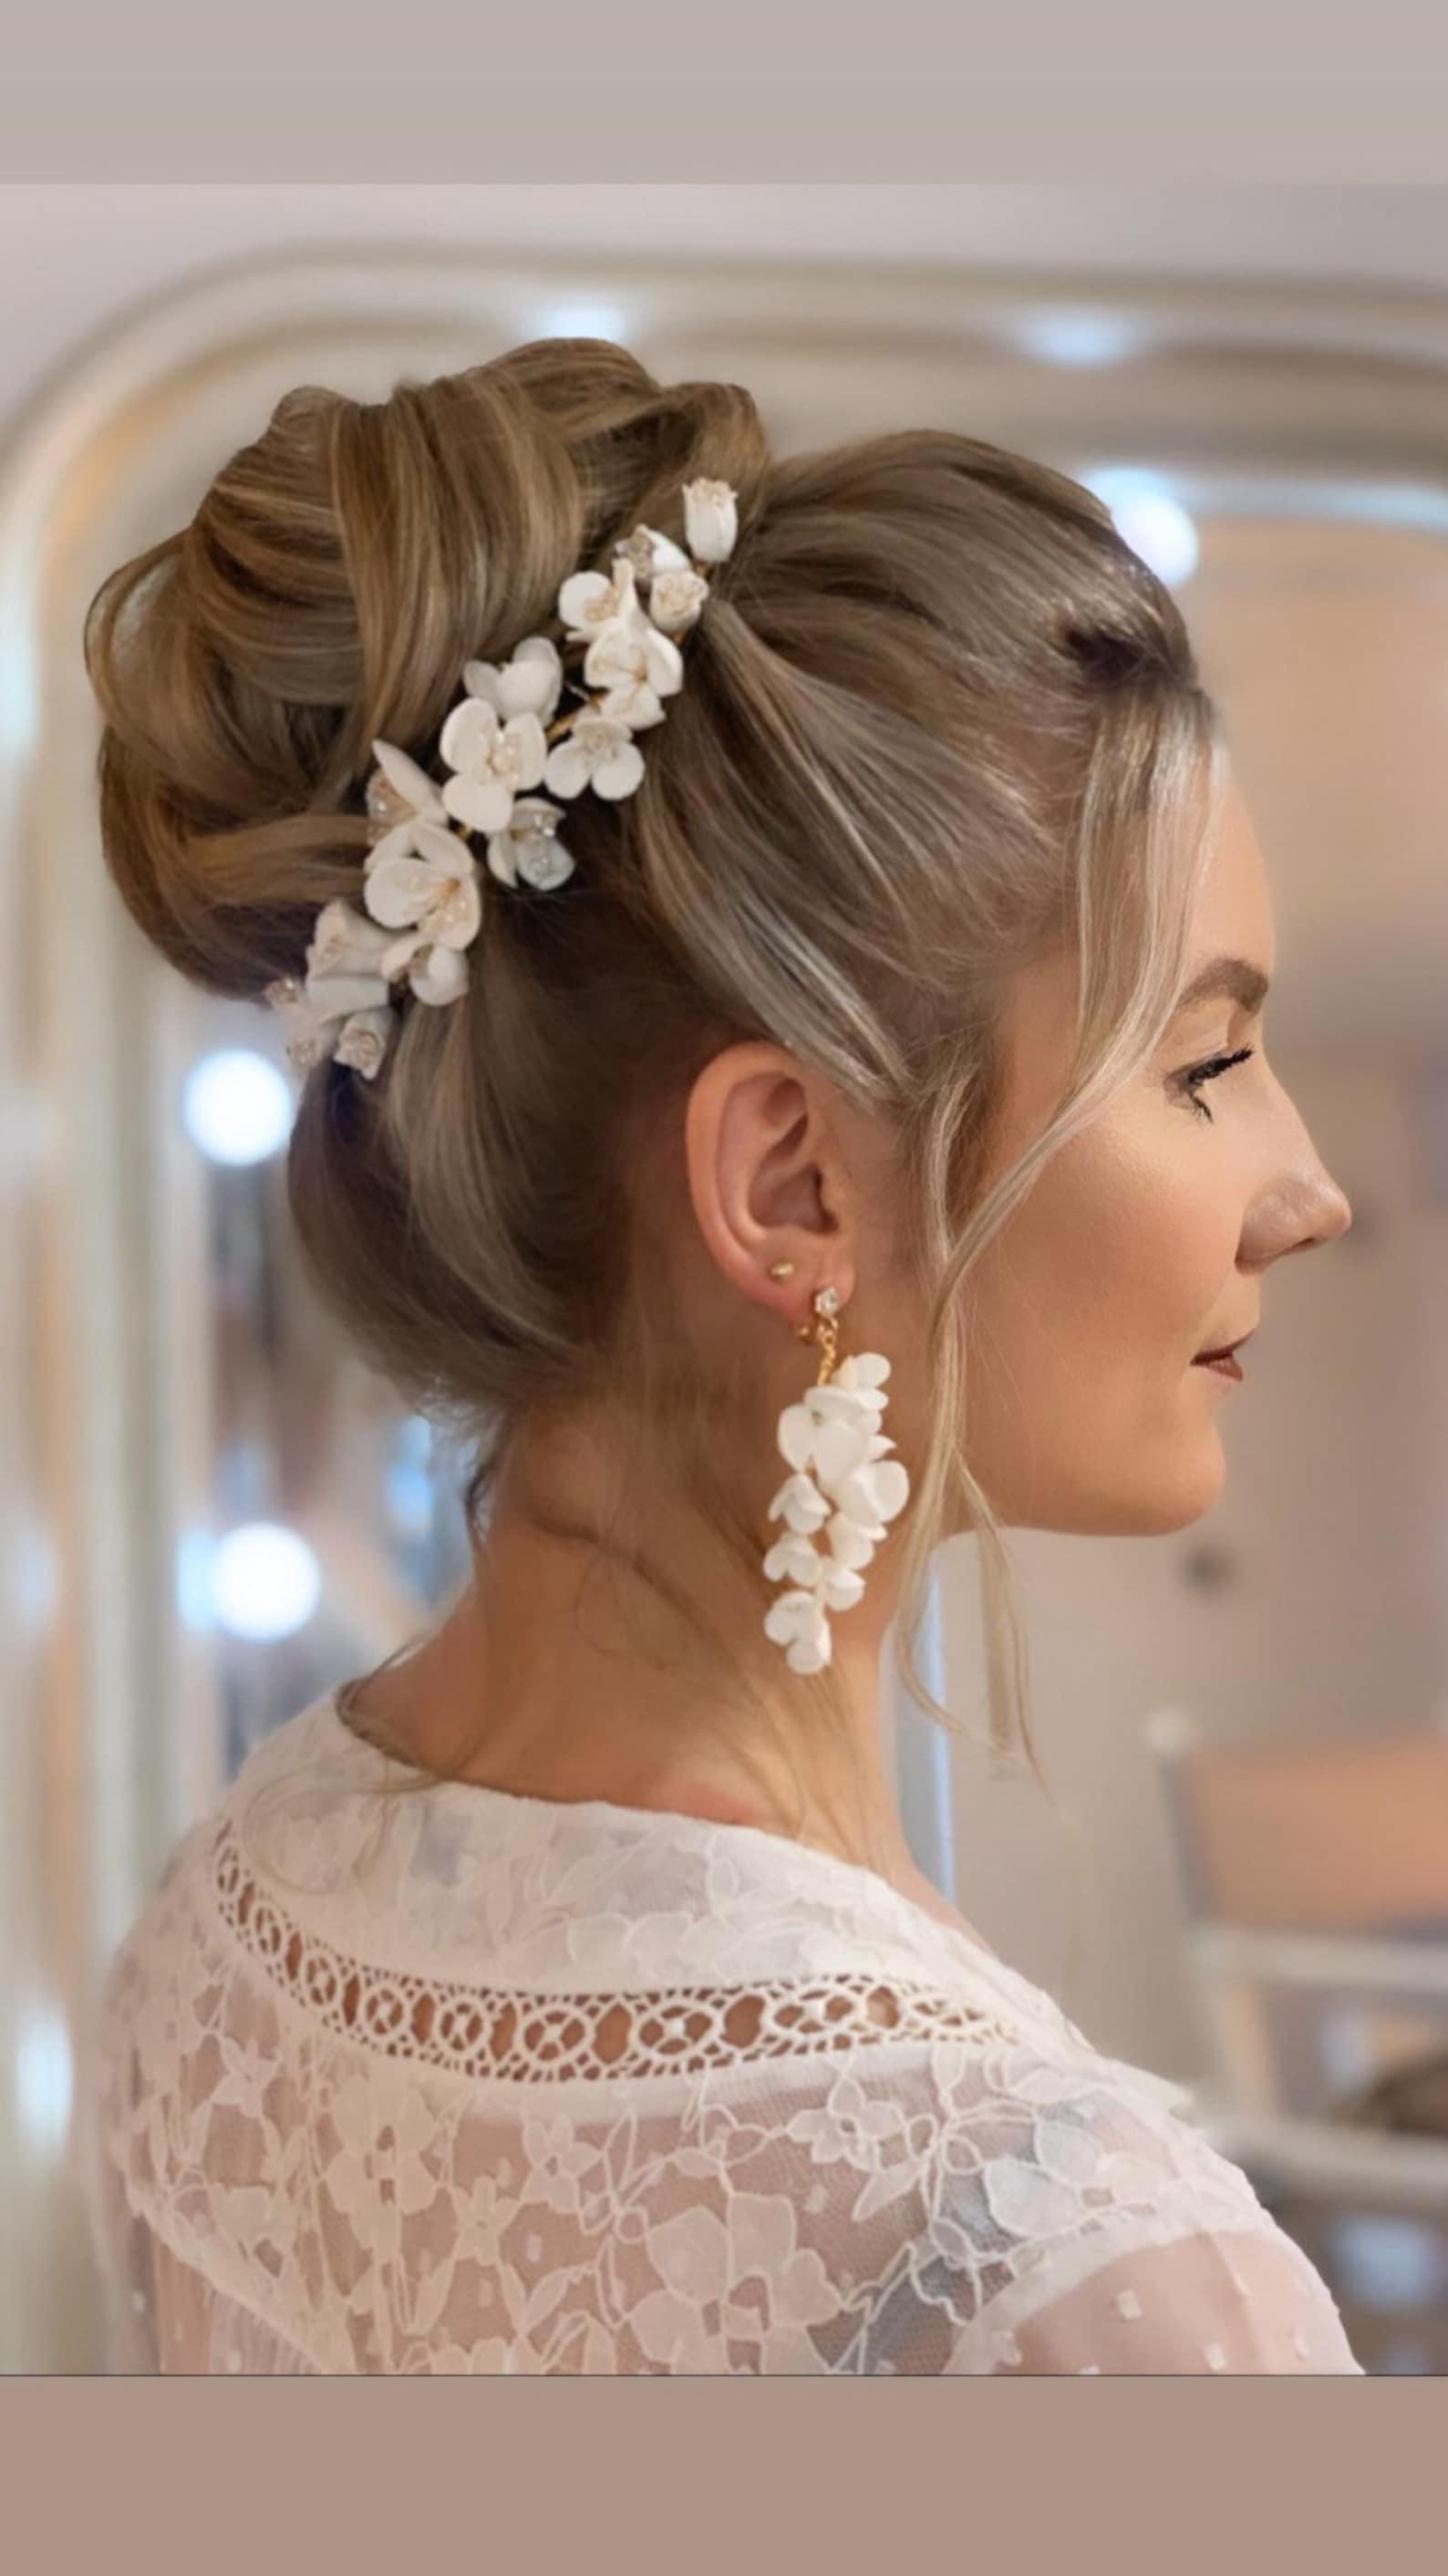 Haarschmuck aus Porzellanblumen